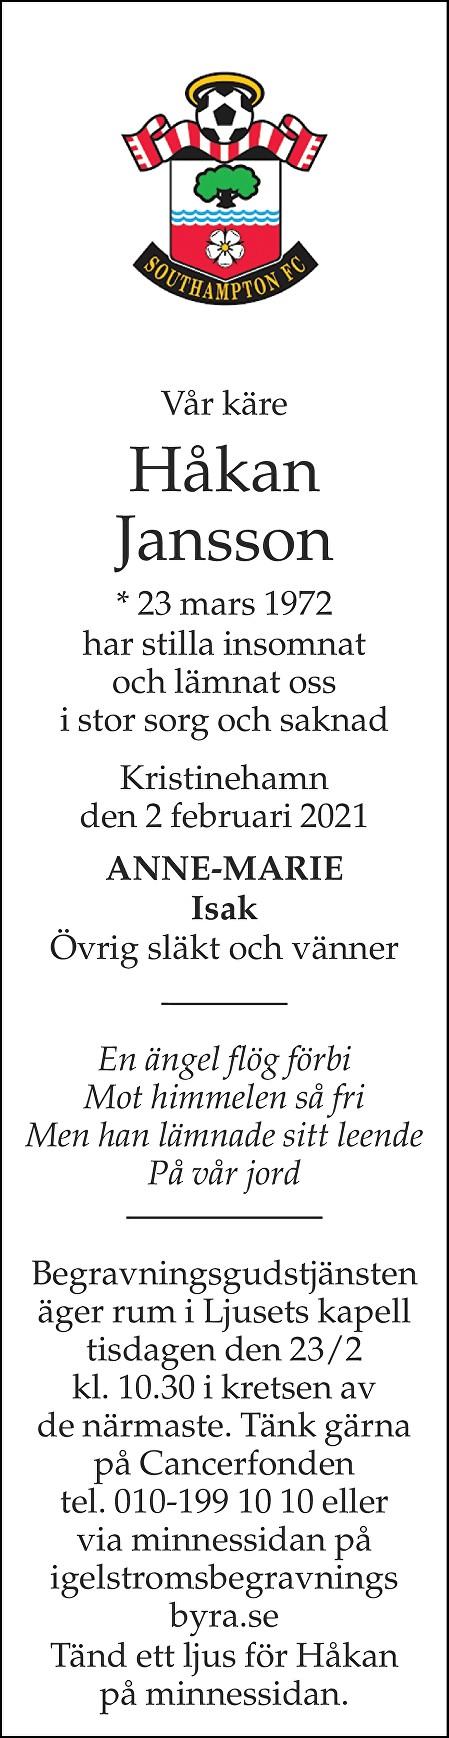 Håkan Jansson Death notice